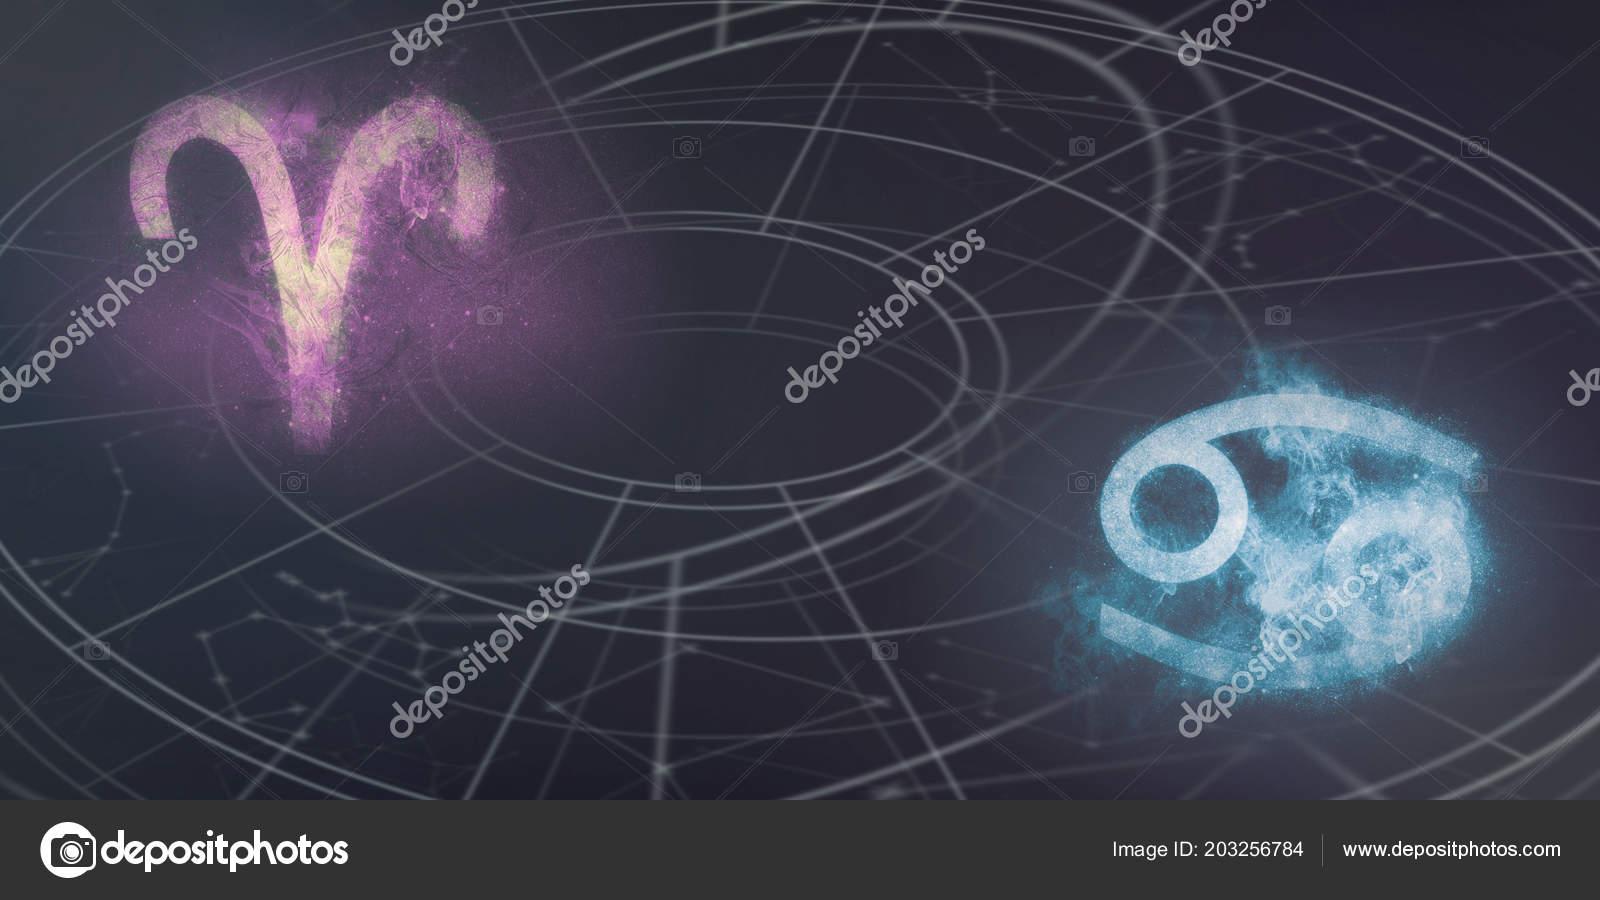 Гороскоп совместимости Овен и Рак. Совместимость знаков зодиака Овен и Рак изоражения